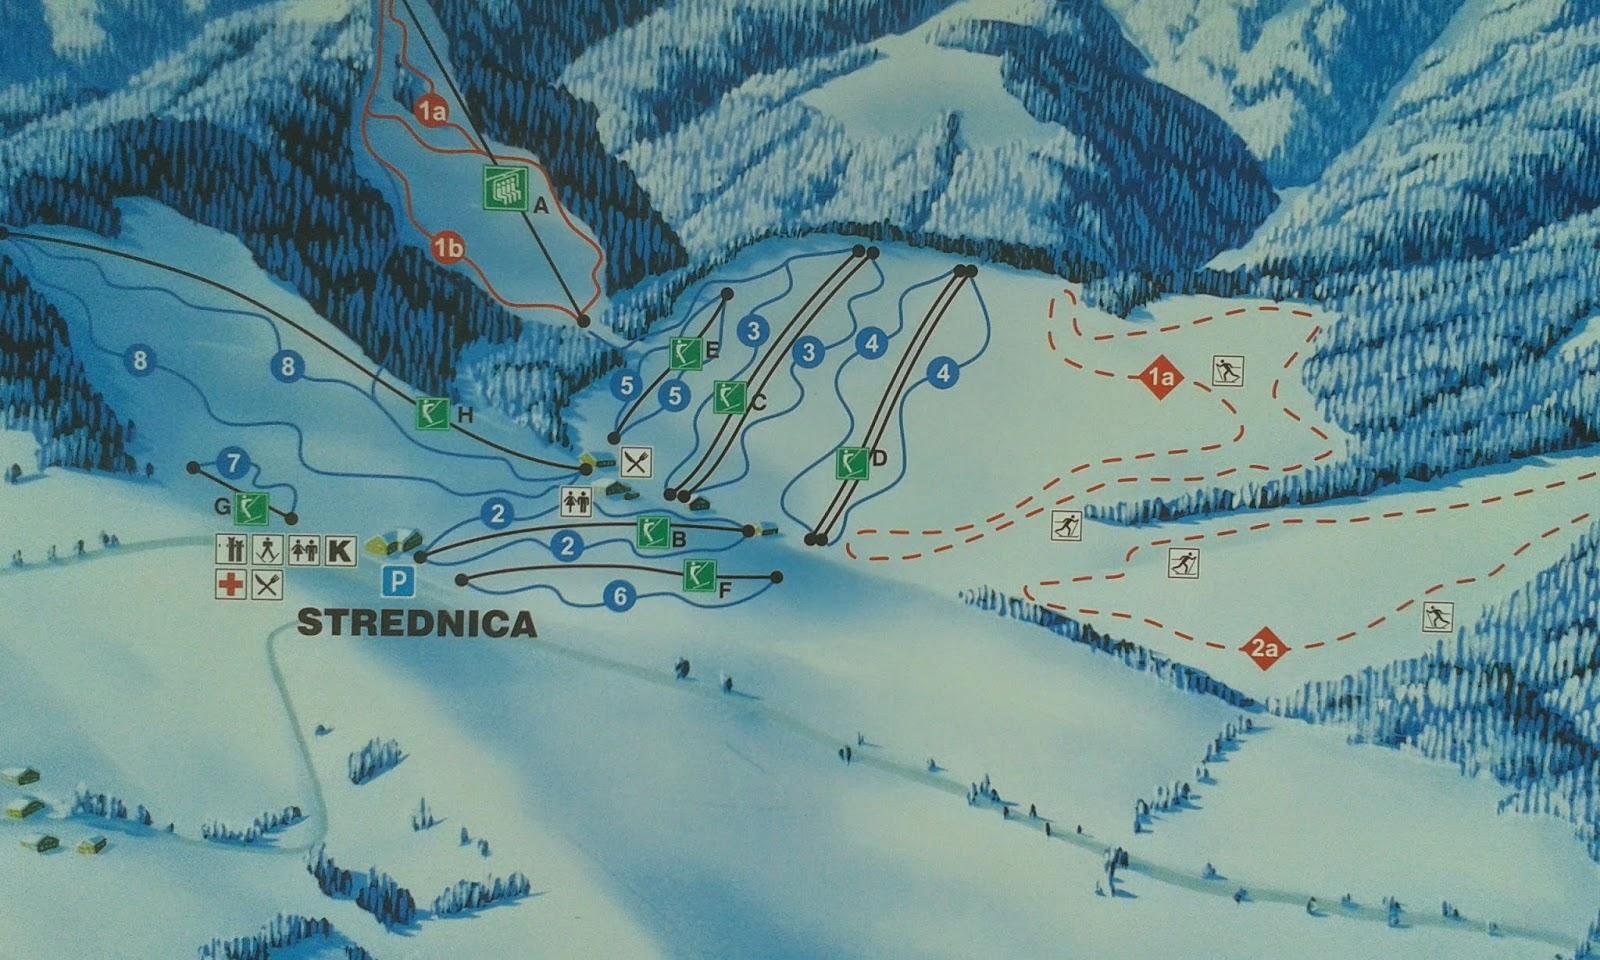 Ośrodek narciarski Strednica